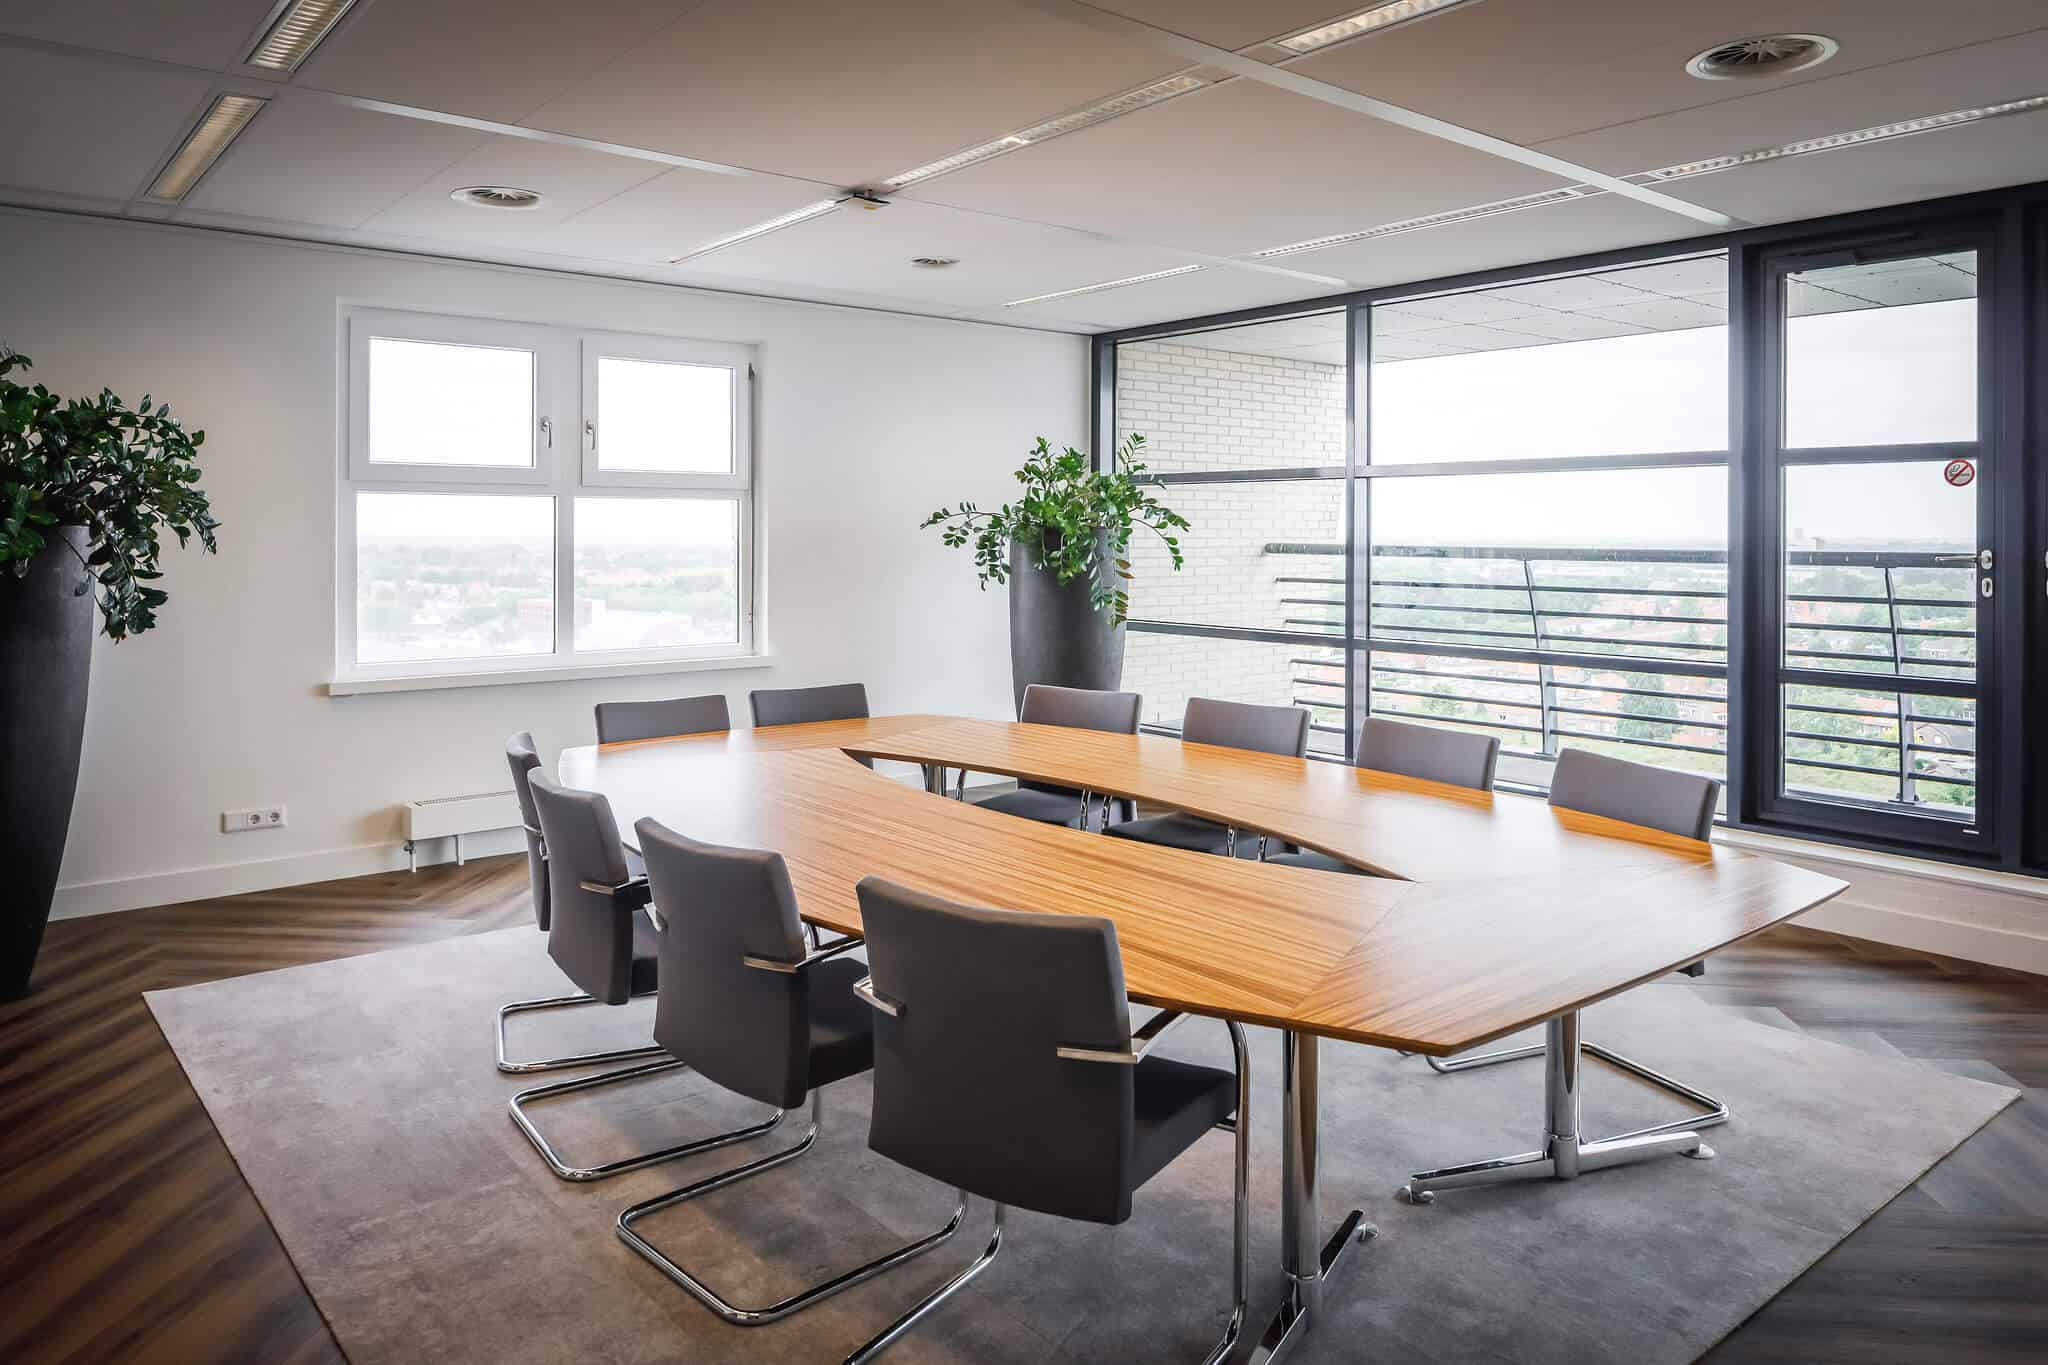 Wildenberg ontwerpt kantoor Delamine indirecte vergaderruimte verlichting vergaderruimte